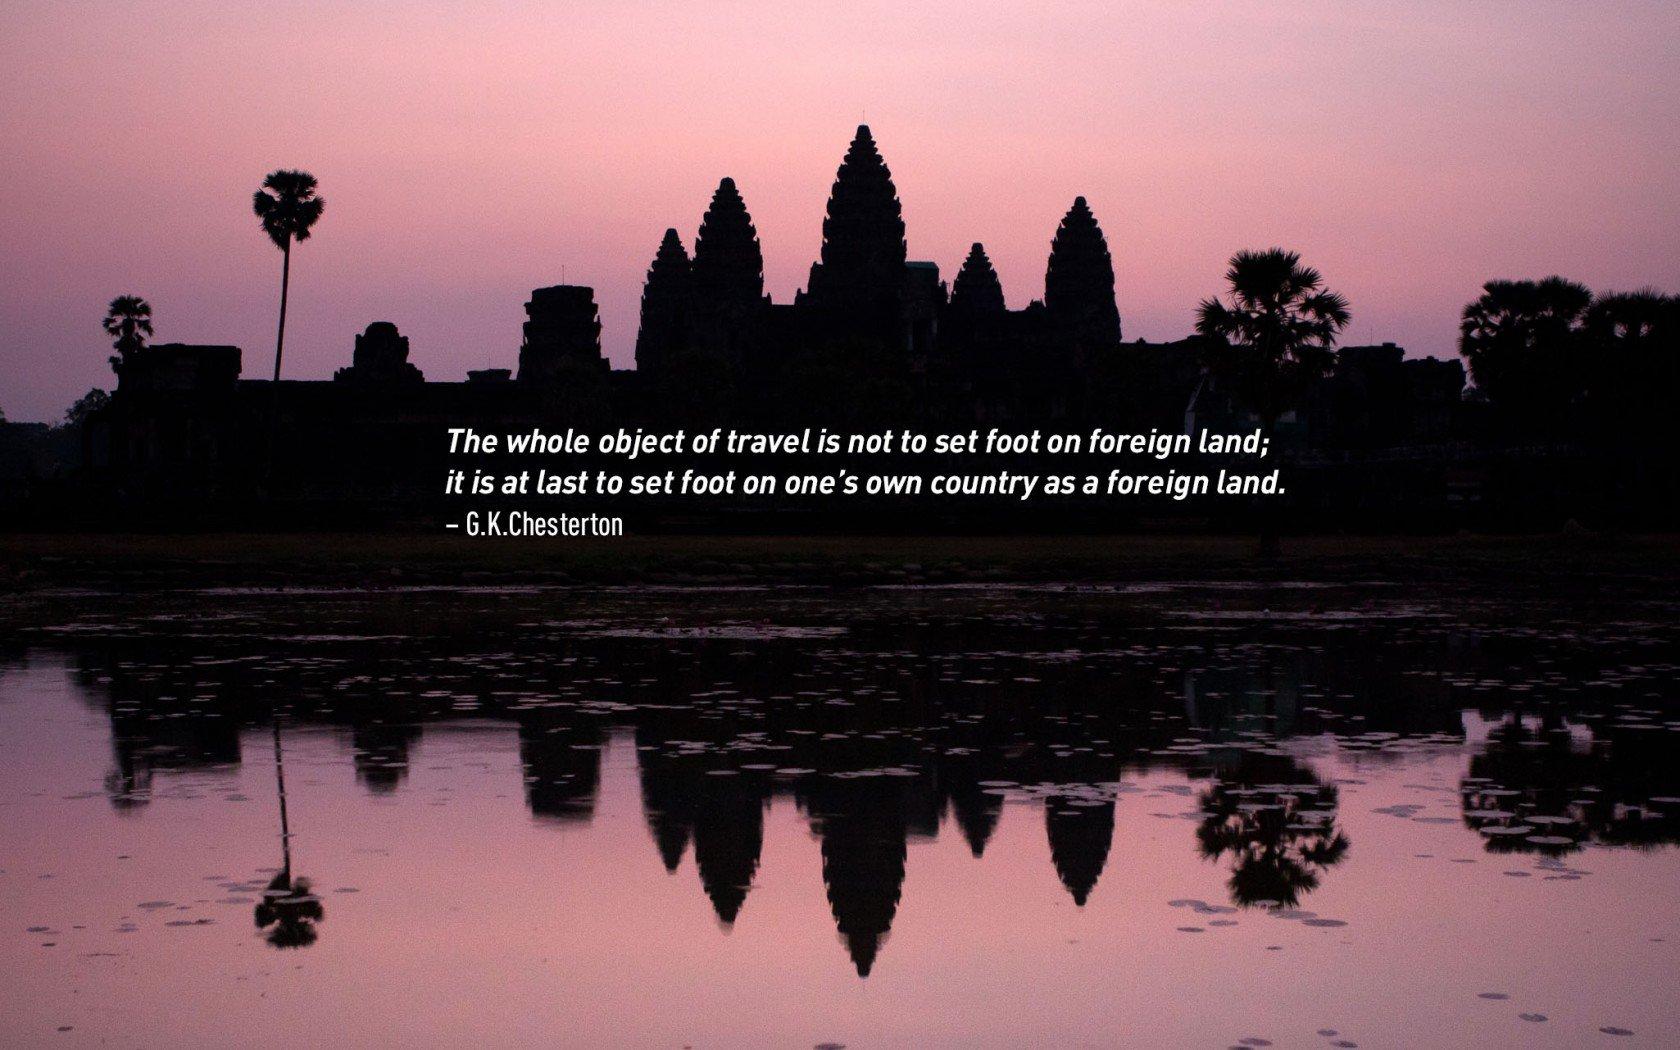 G.K. Citations de voyage de Chesterton. Coucher de soleil sur Angkor Wat, au Cambodge.